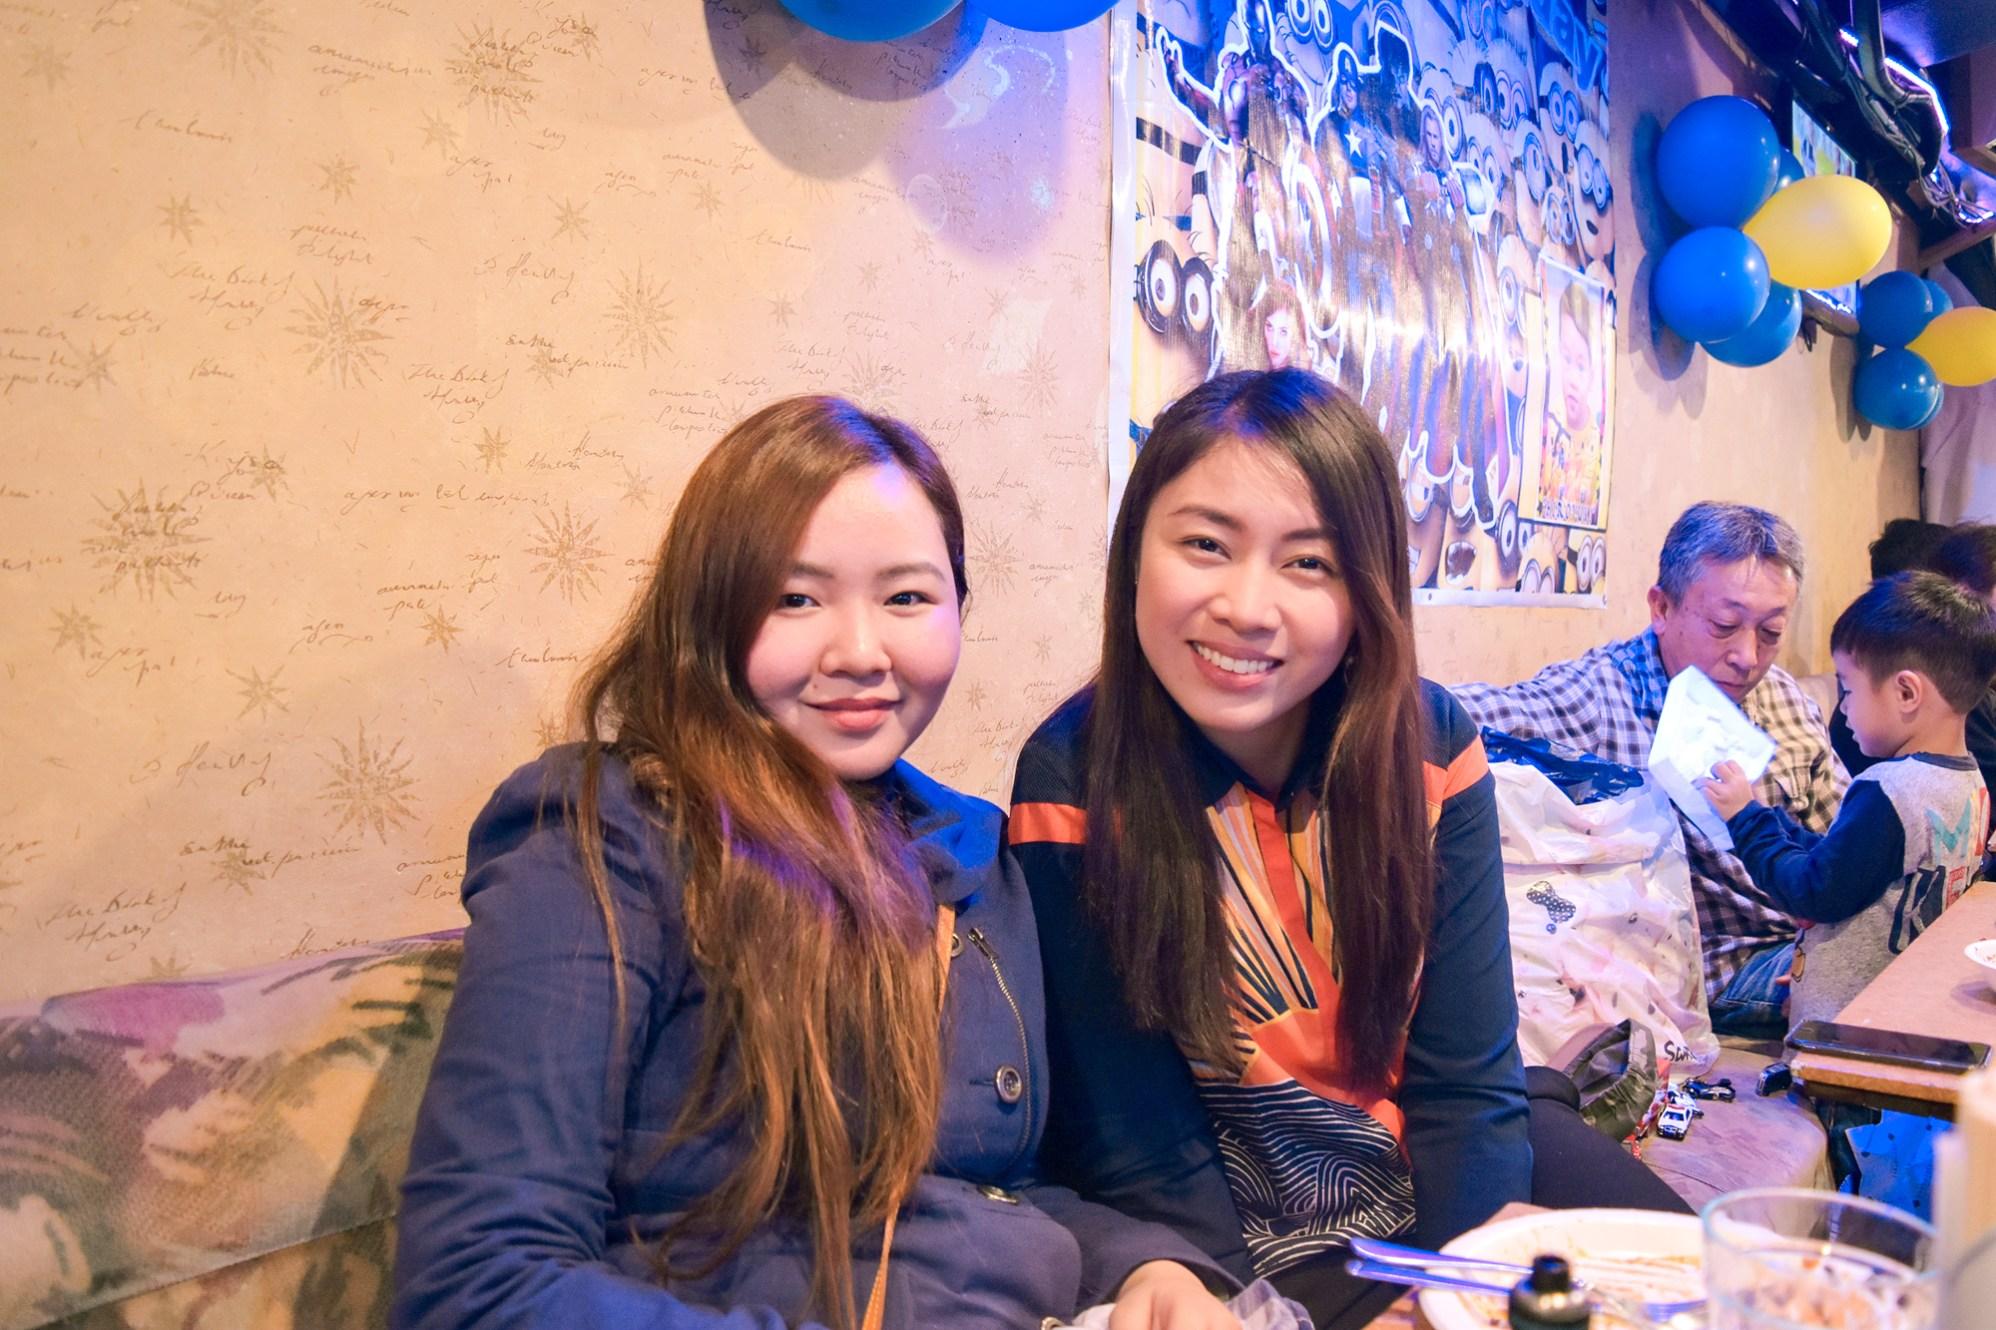 With my friend, Mariko